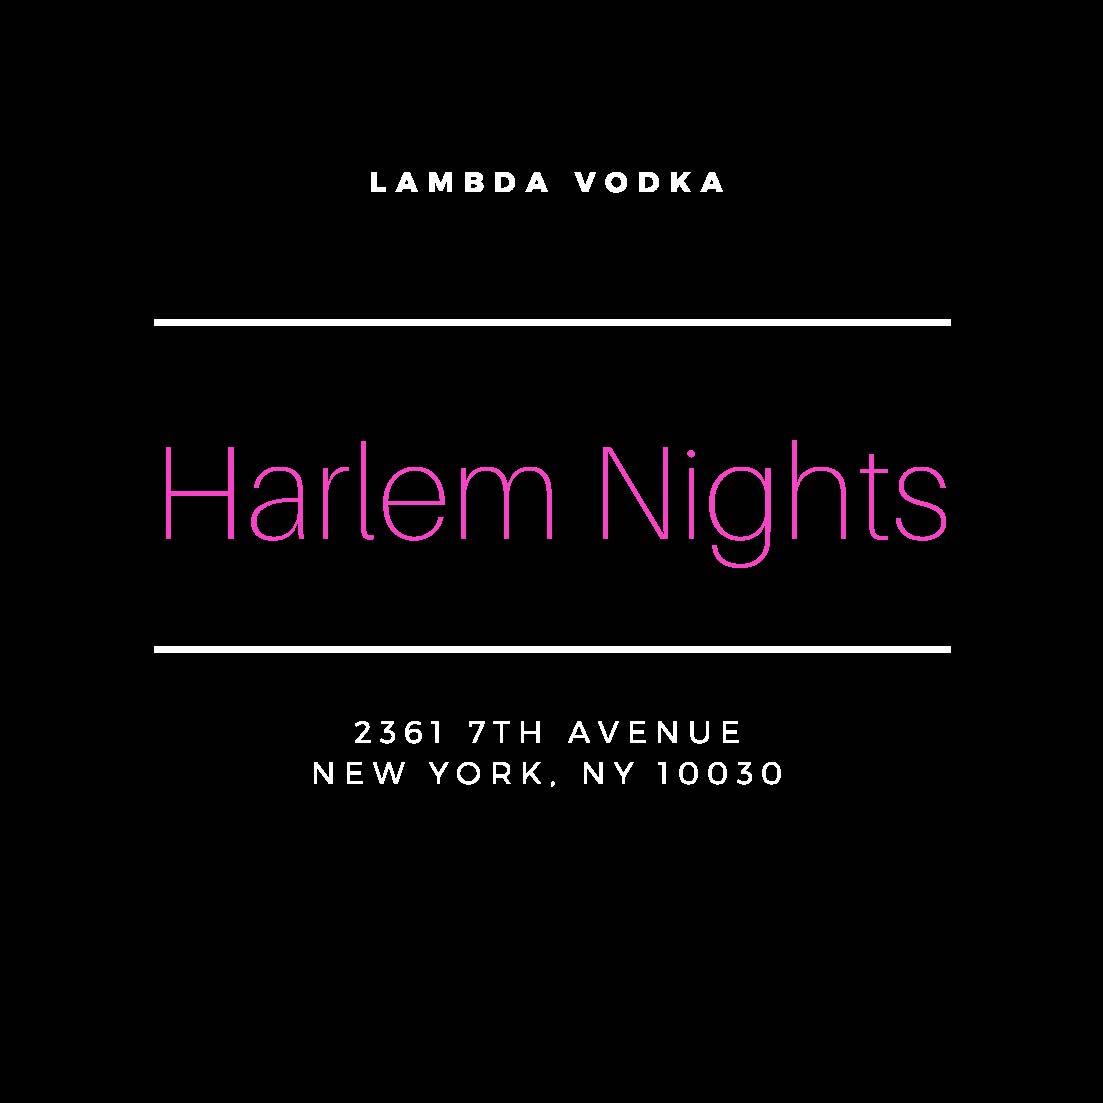 Harlem Nights.jpg